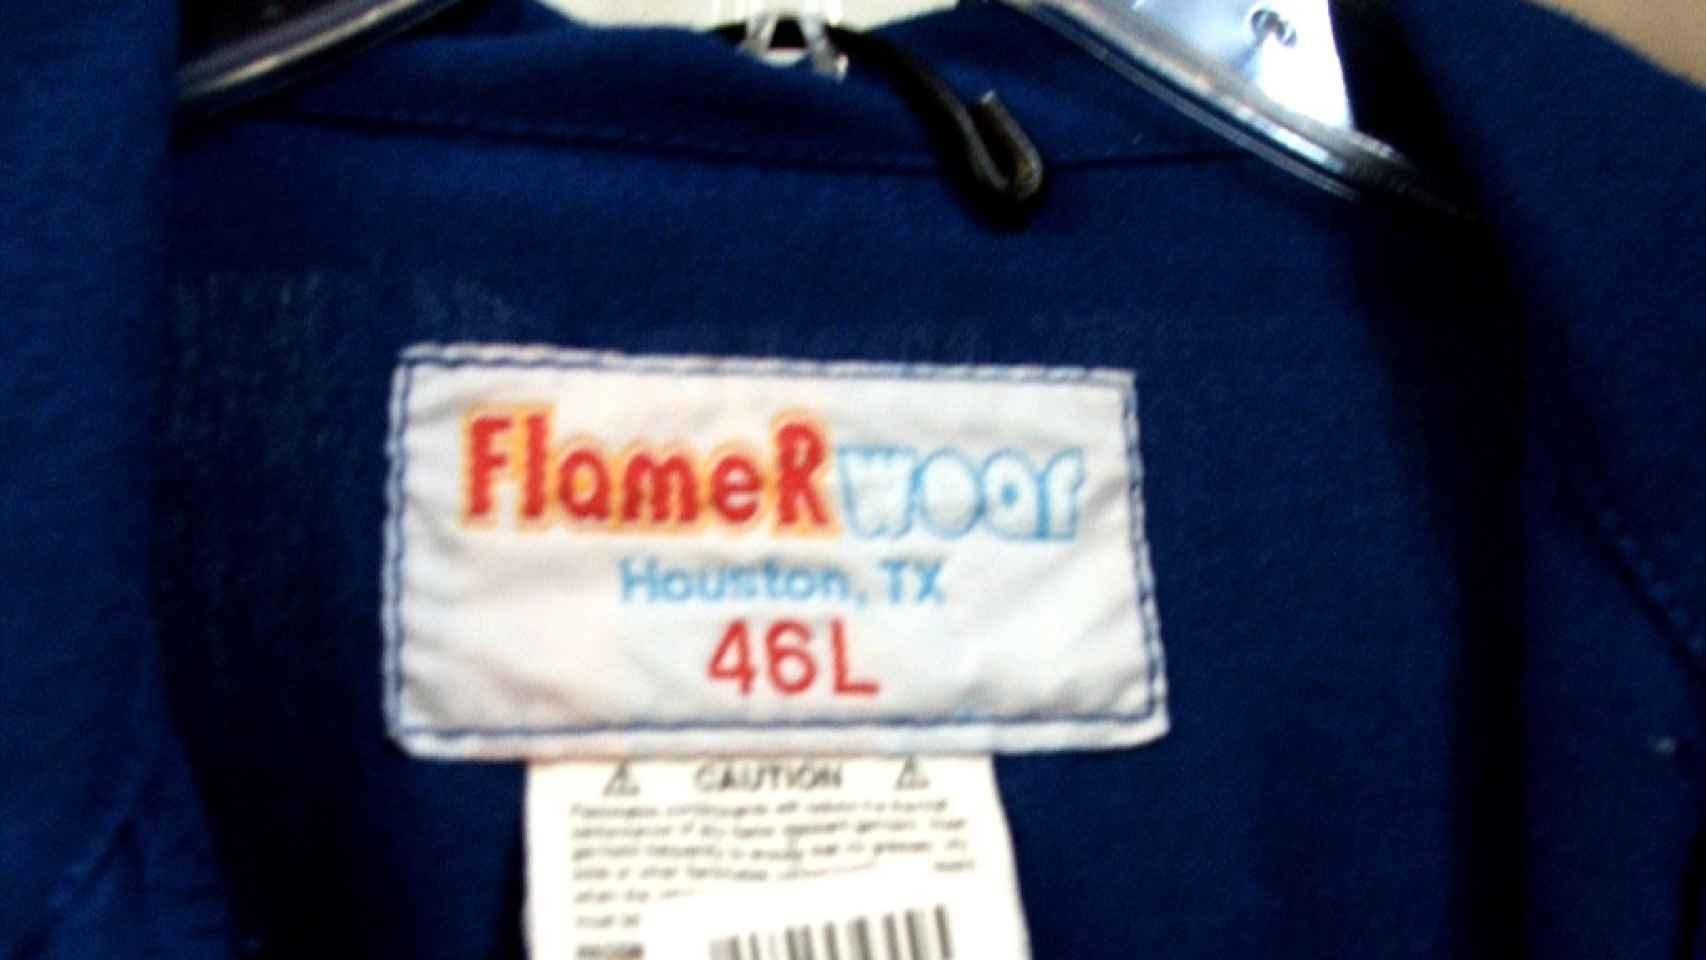 Una prenda ignífuga de la marca FlameRWear.